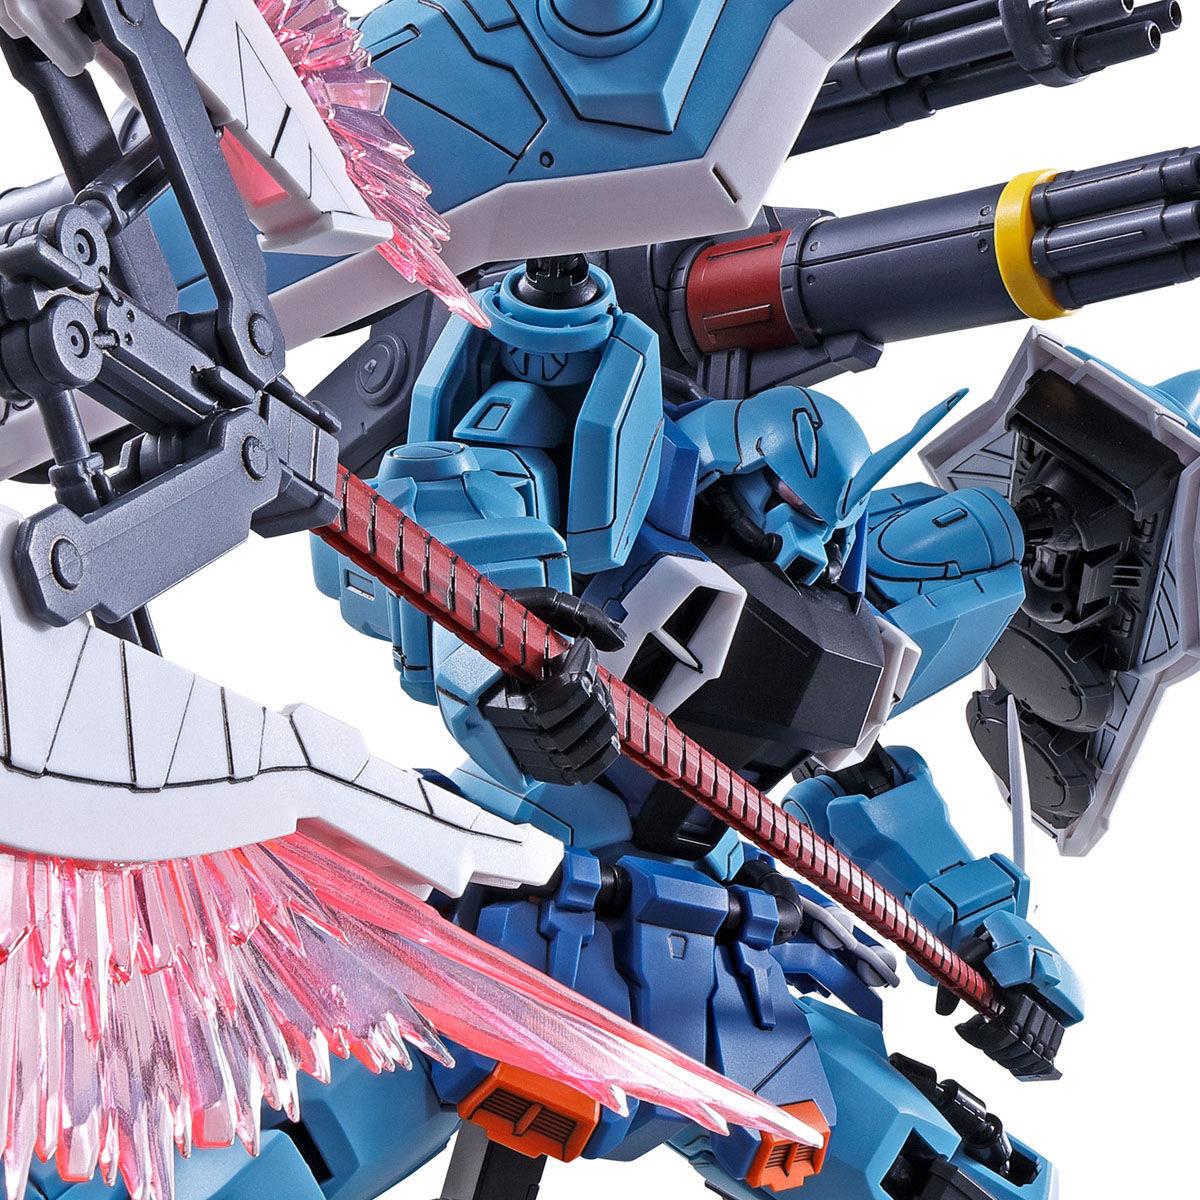 【限定販売】MG 1/100『スラッシュザクファントム(イザーク・ジュール専用機)』プラモデル-010